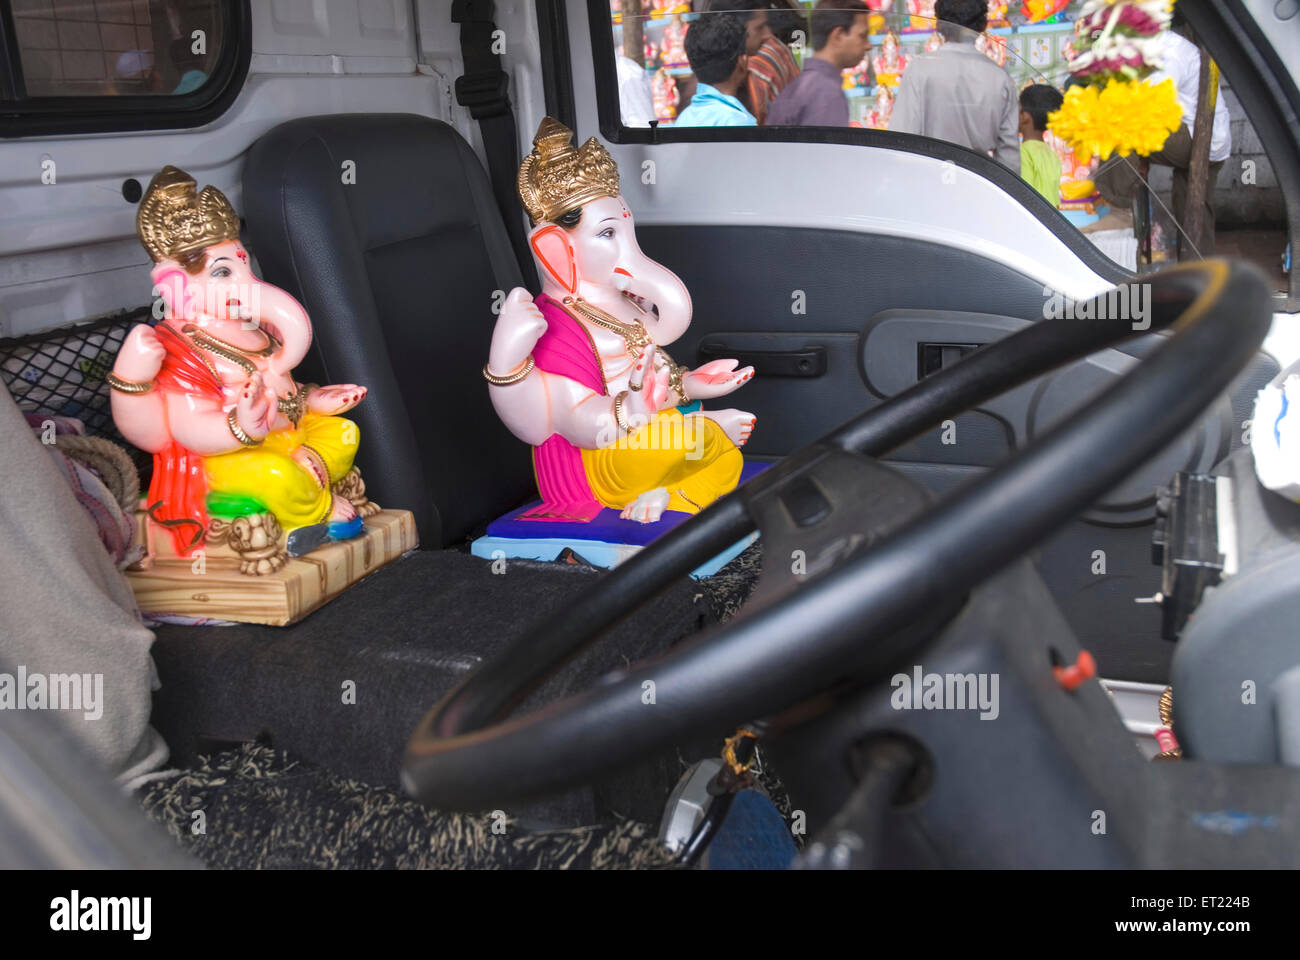 Gli idoli del signore ganesha ganpati al volante in auto prima di festival ; Pune ; Maharashtra ; India Immagini Stock